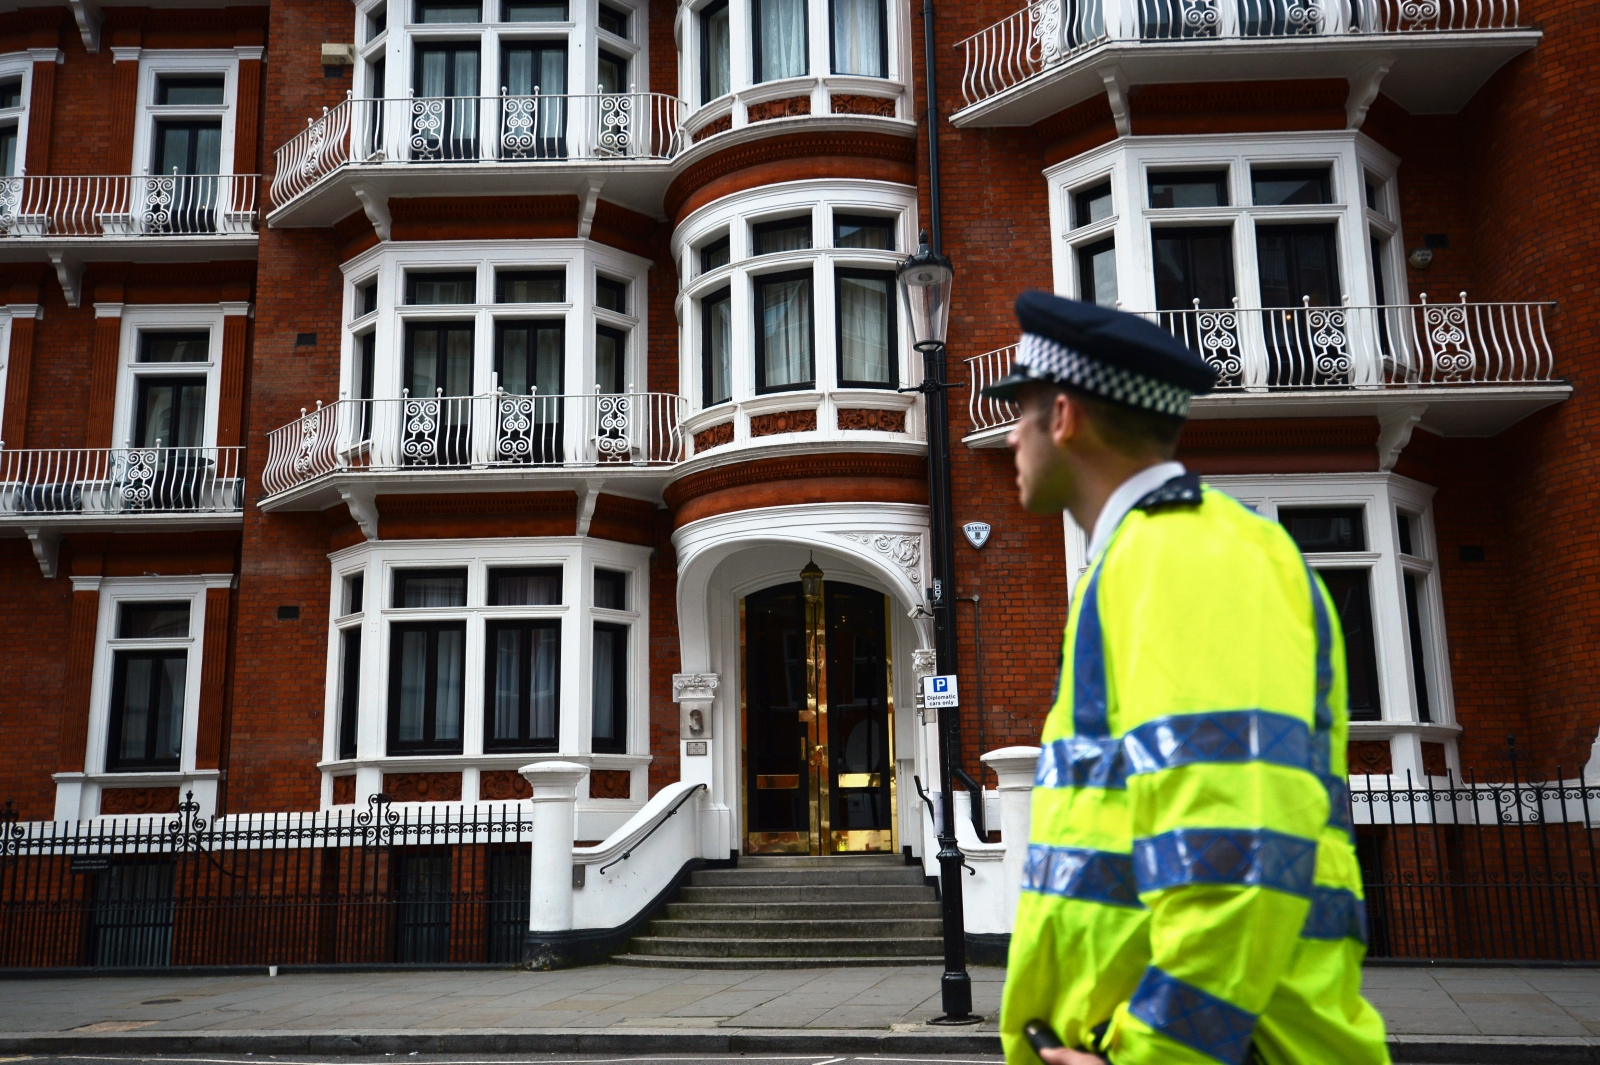 Julian Assange and the Ecuadorian embassy